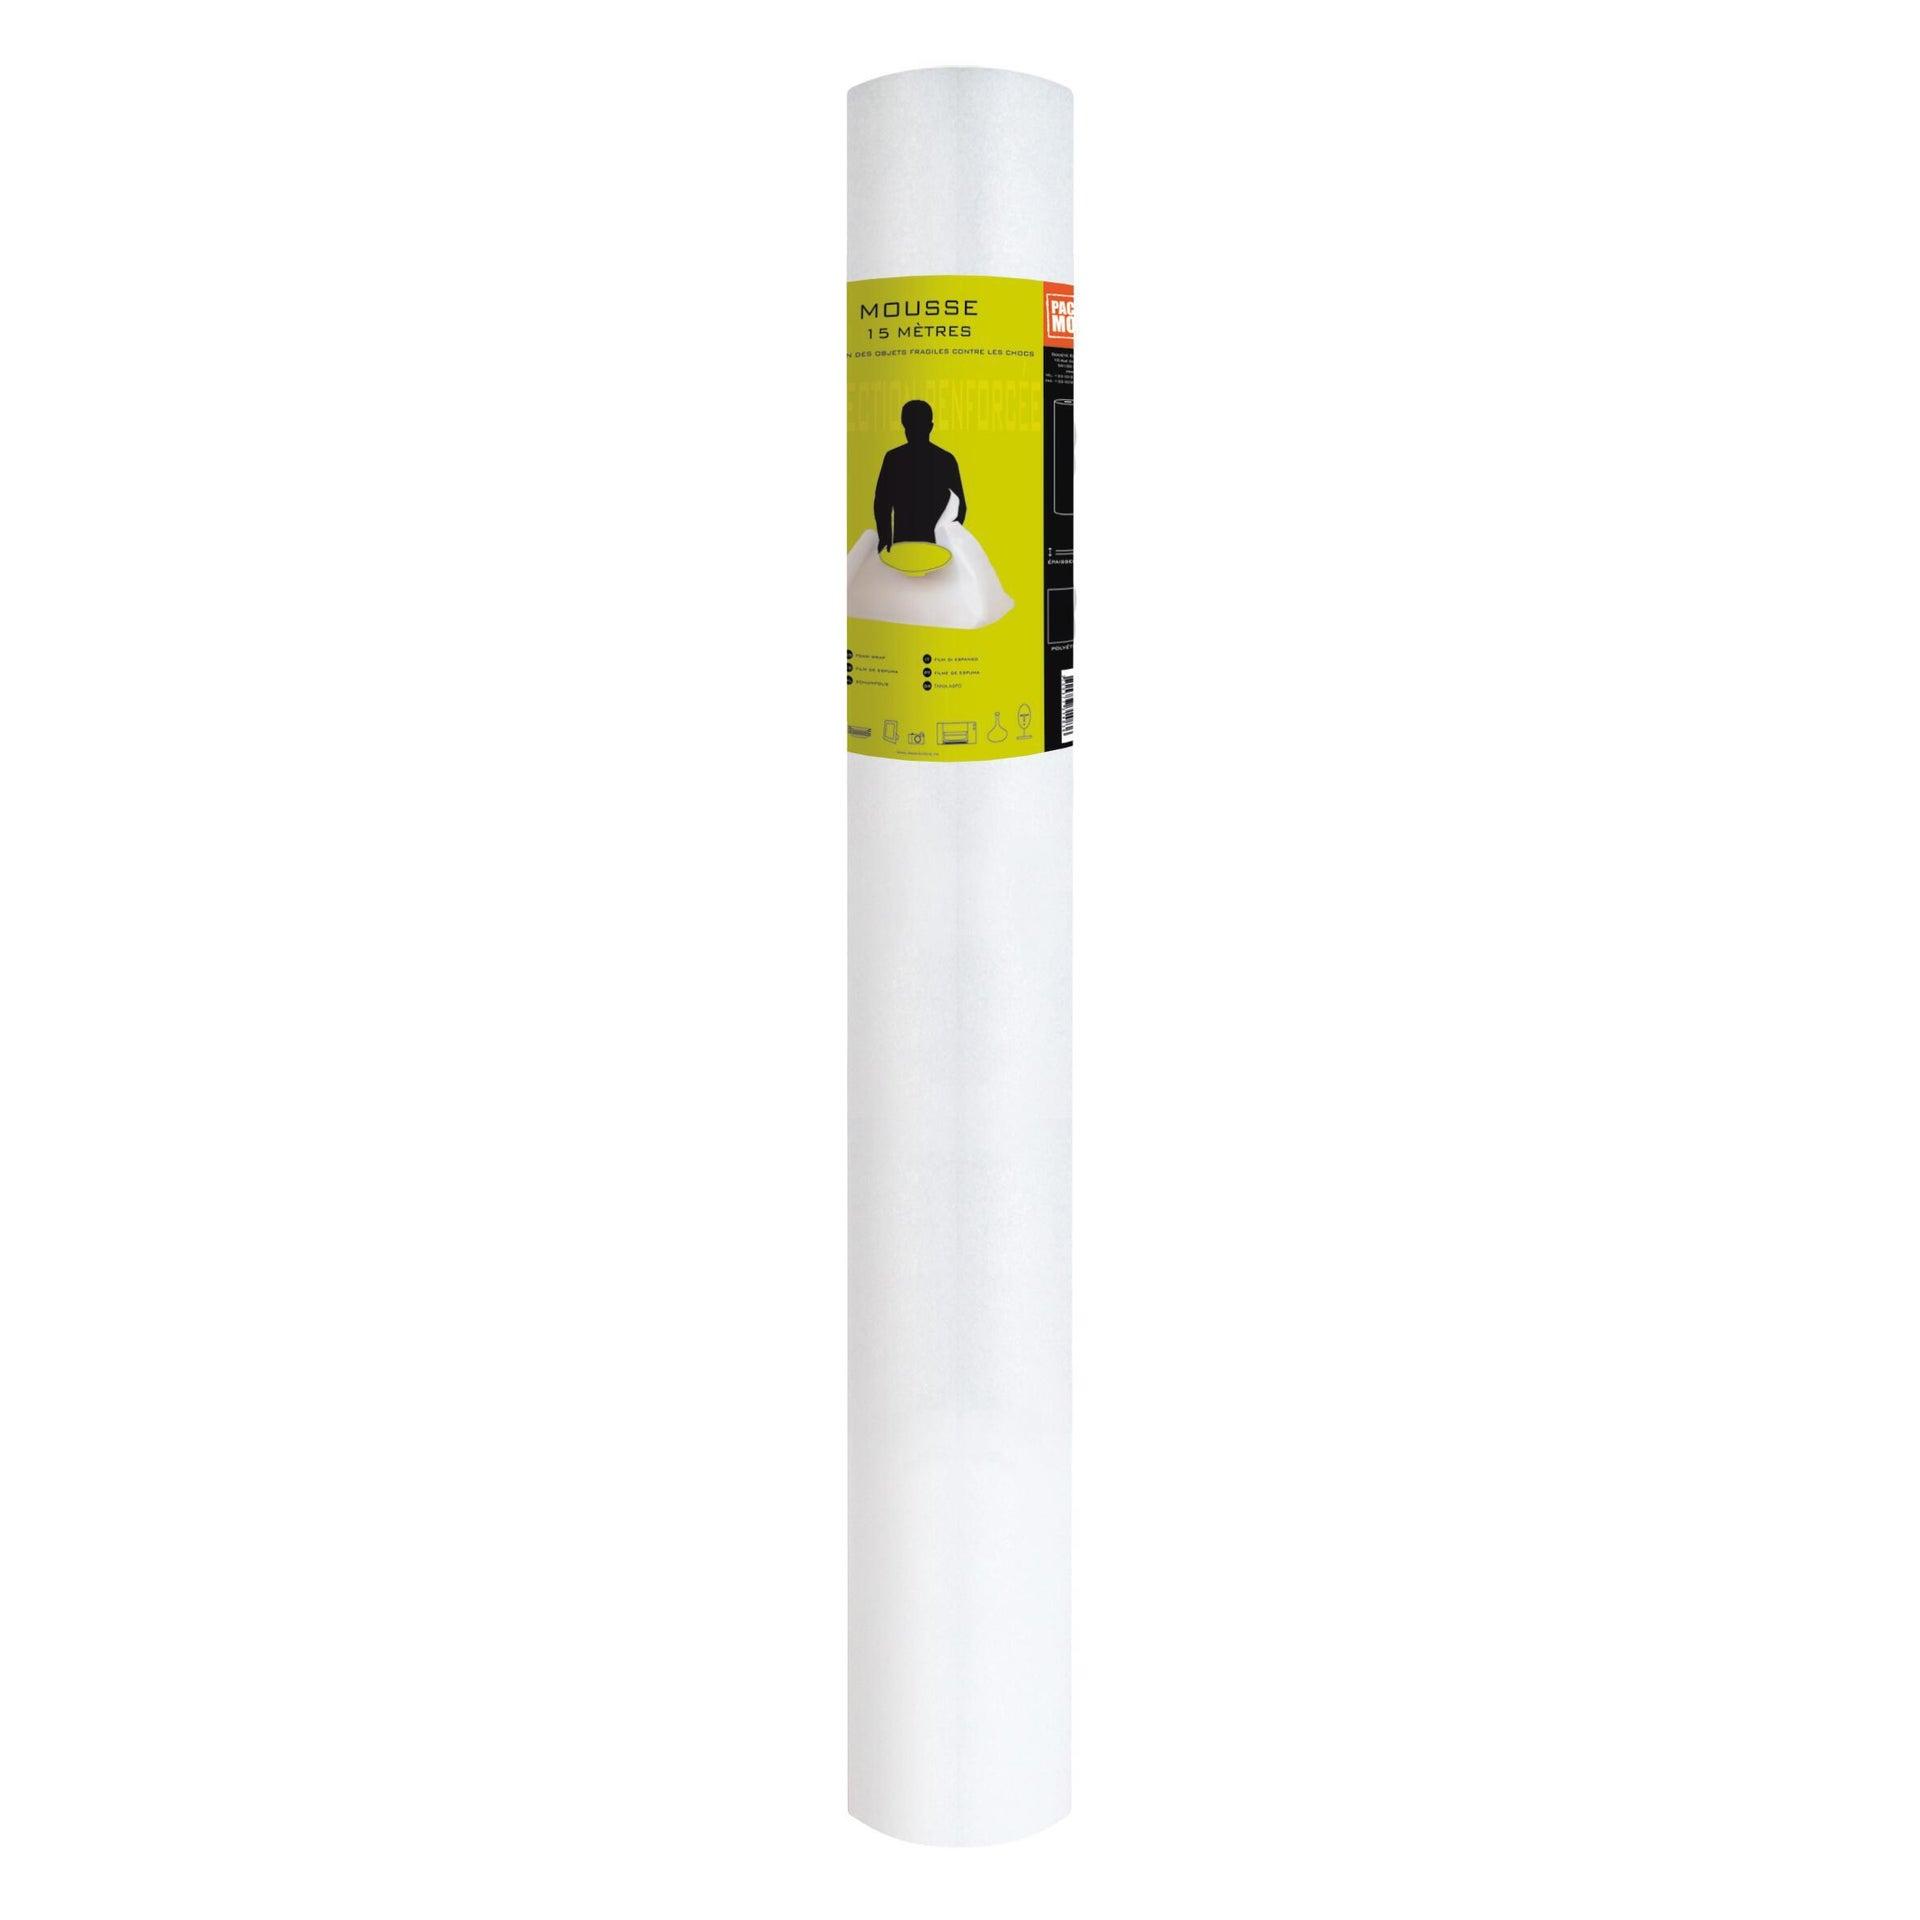 Rotolo di protezione L 15 m x H 1 mm